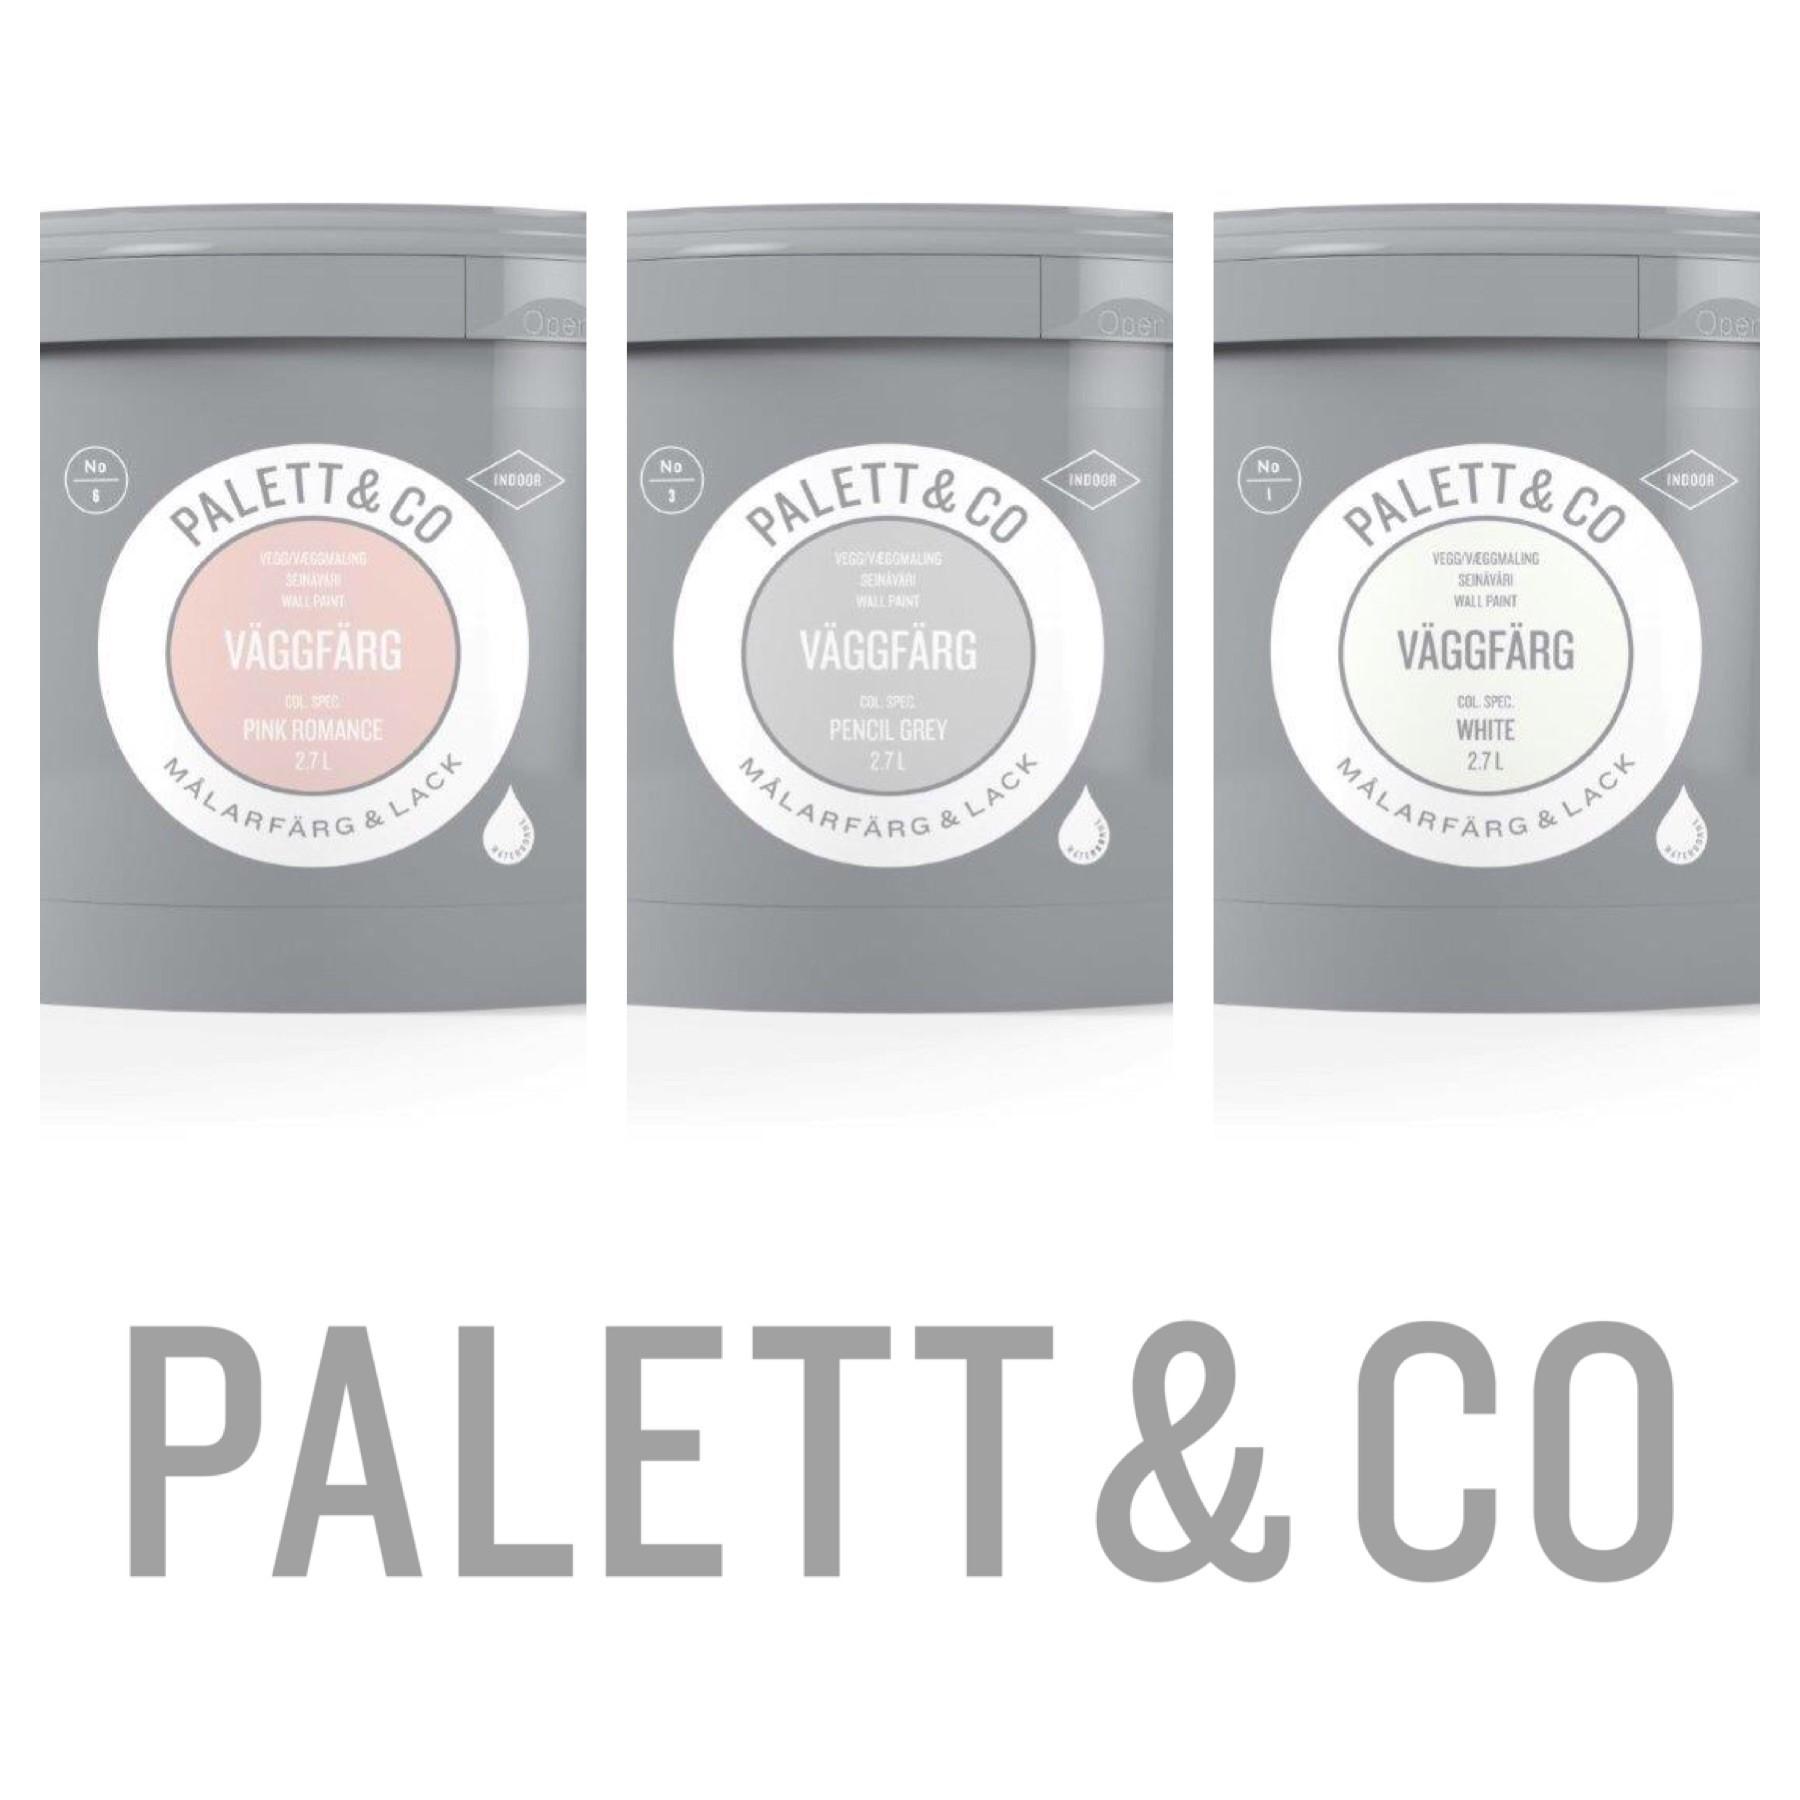 palett-co-bilder-3